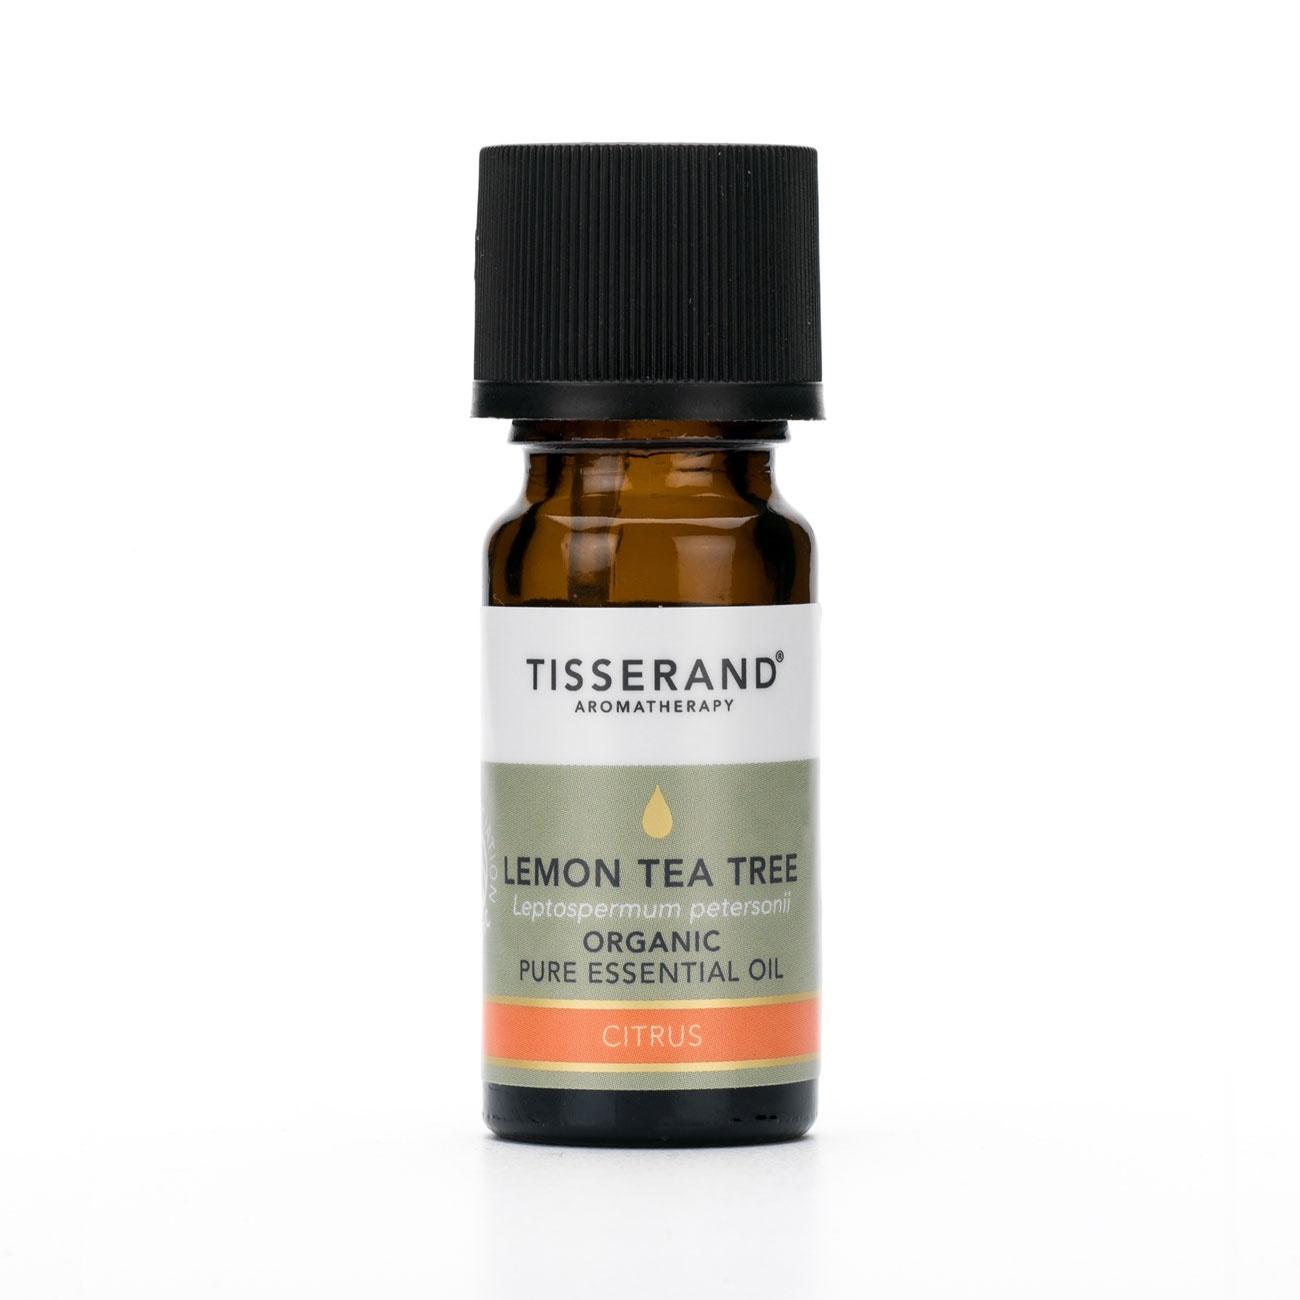 Tisserand Lemon Tea-Tree Organic Essential Oil 9ml